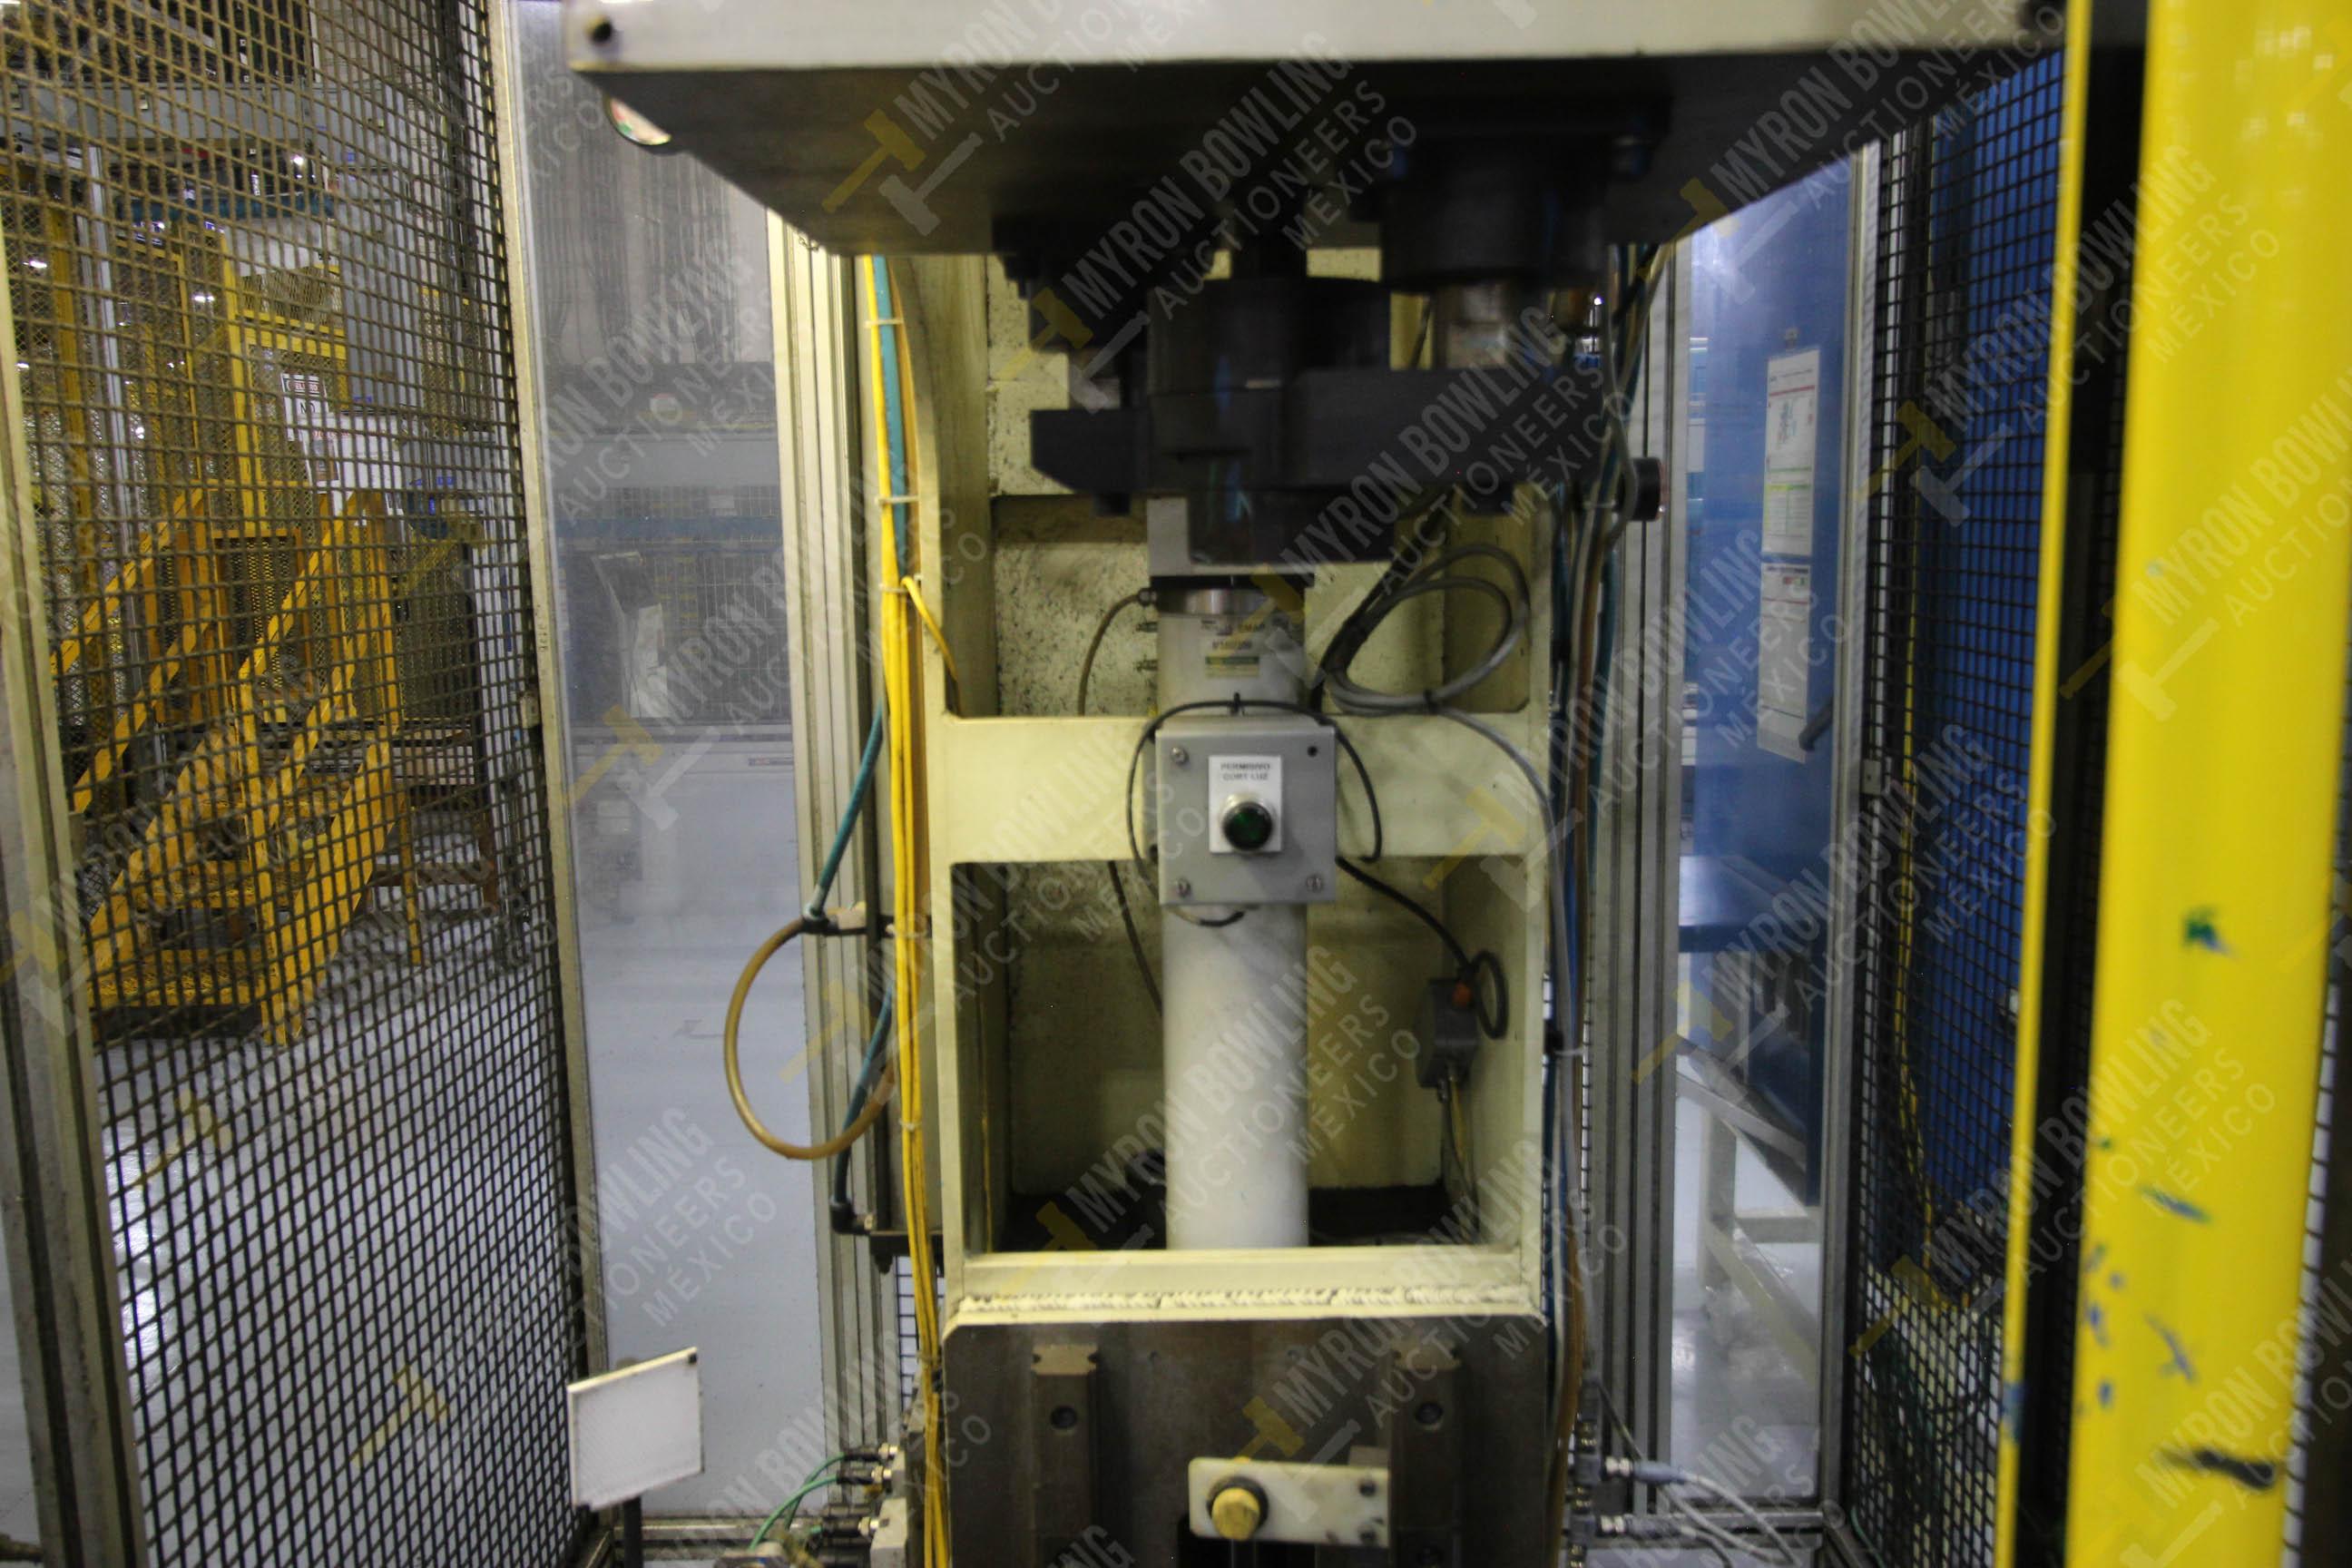 Estación manual para operación 383, contiene: Prensa marca PROMESS en estructura de placa de acero - Image 15 of 27